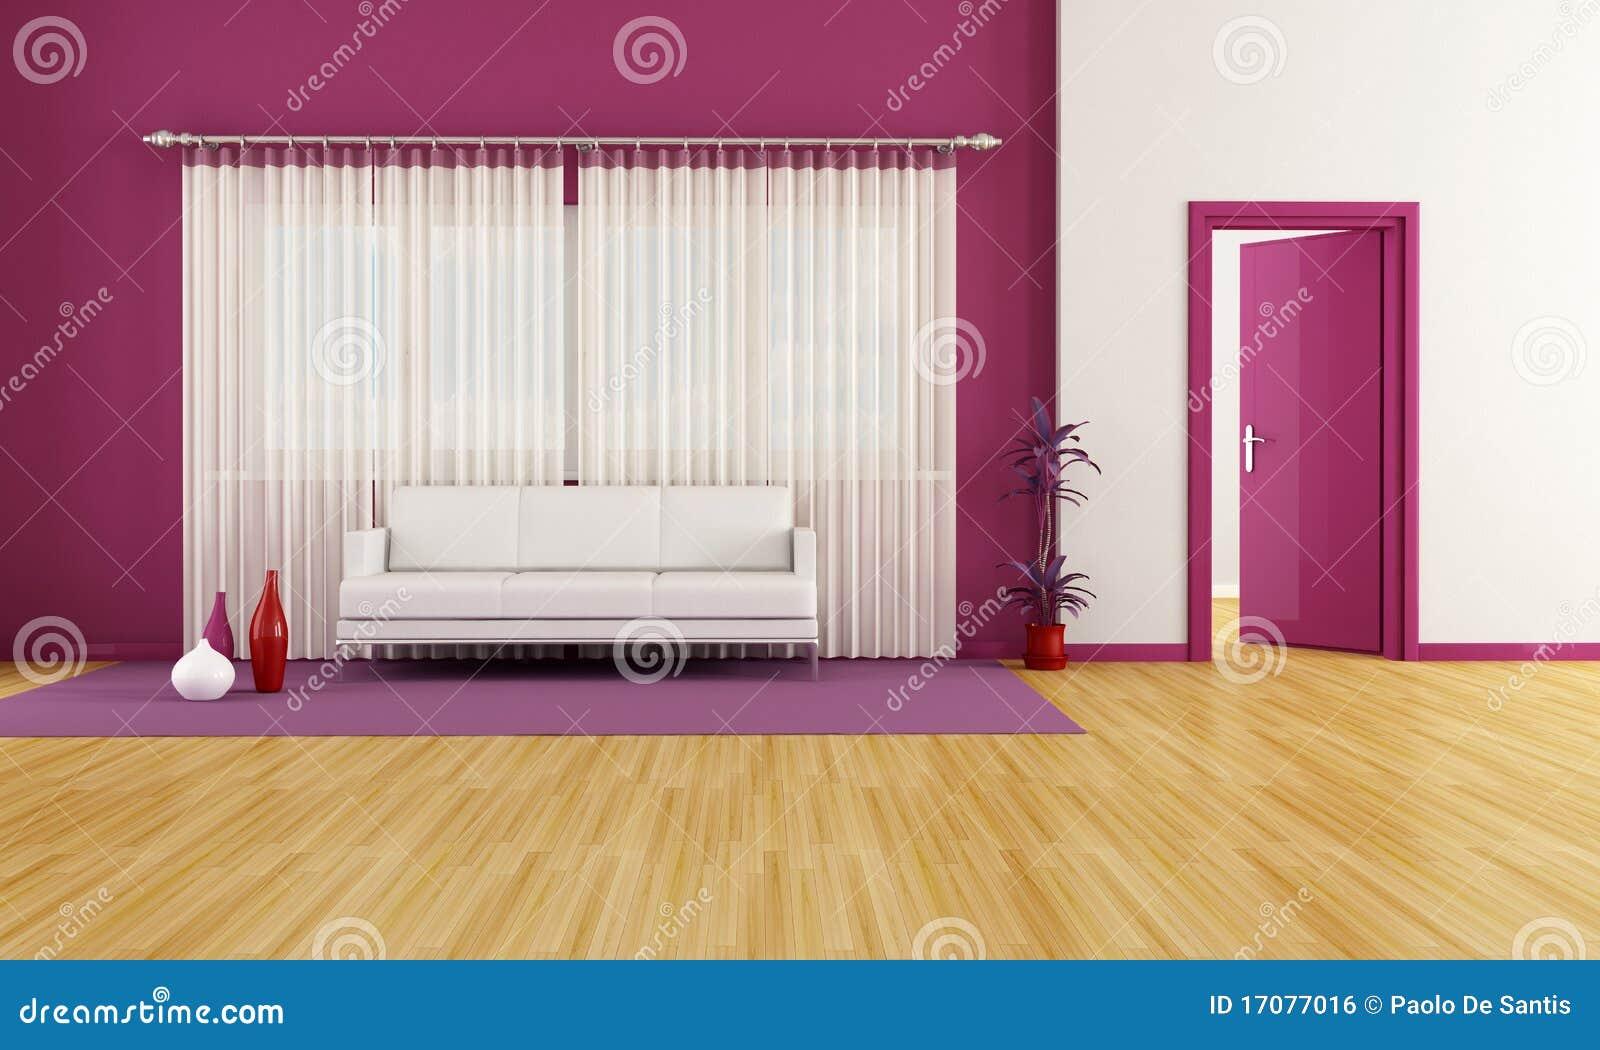 Sala De Estar Branca E Roxa